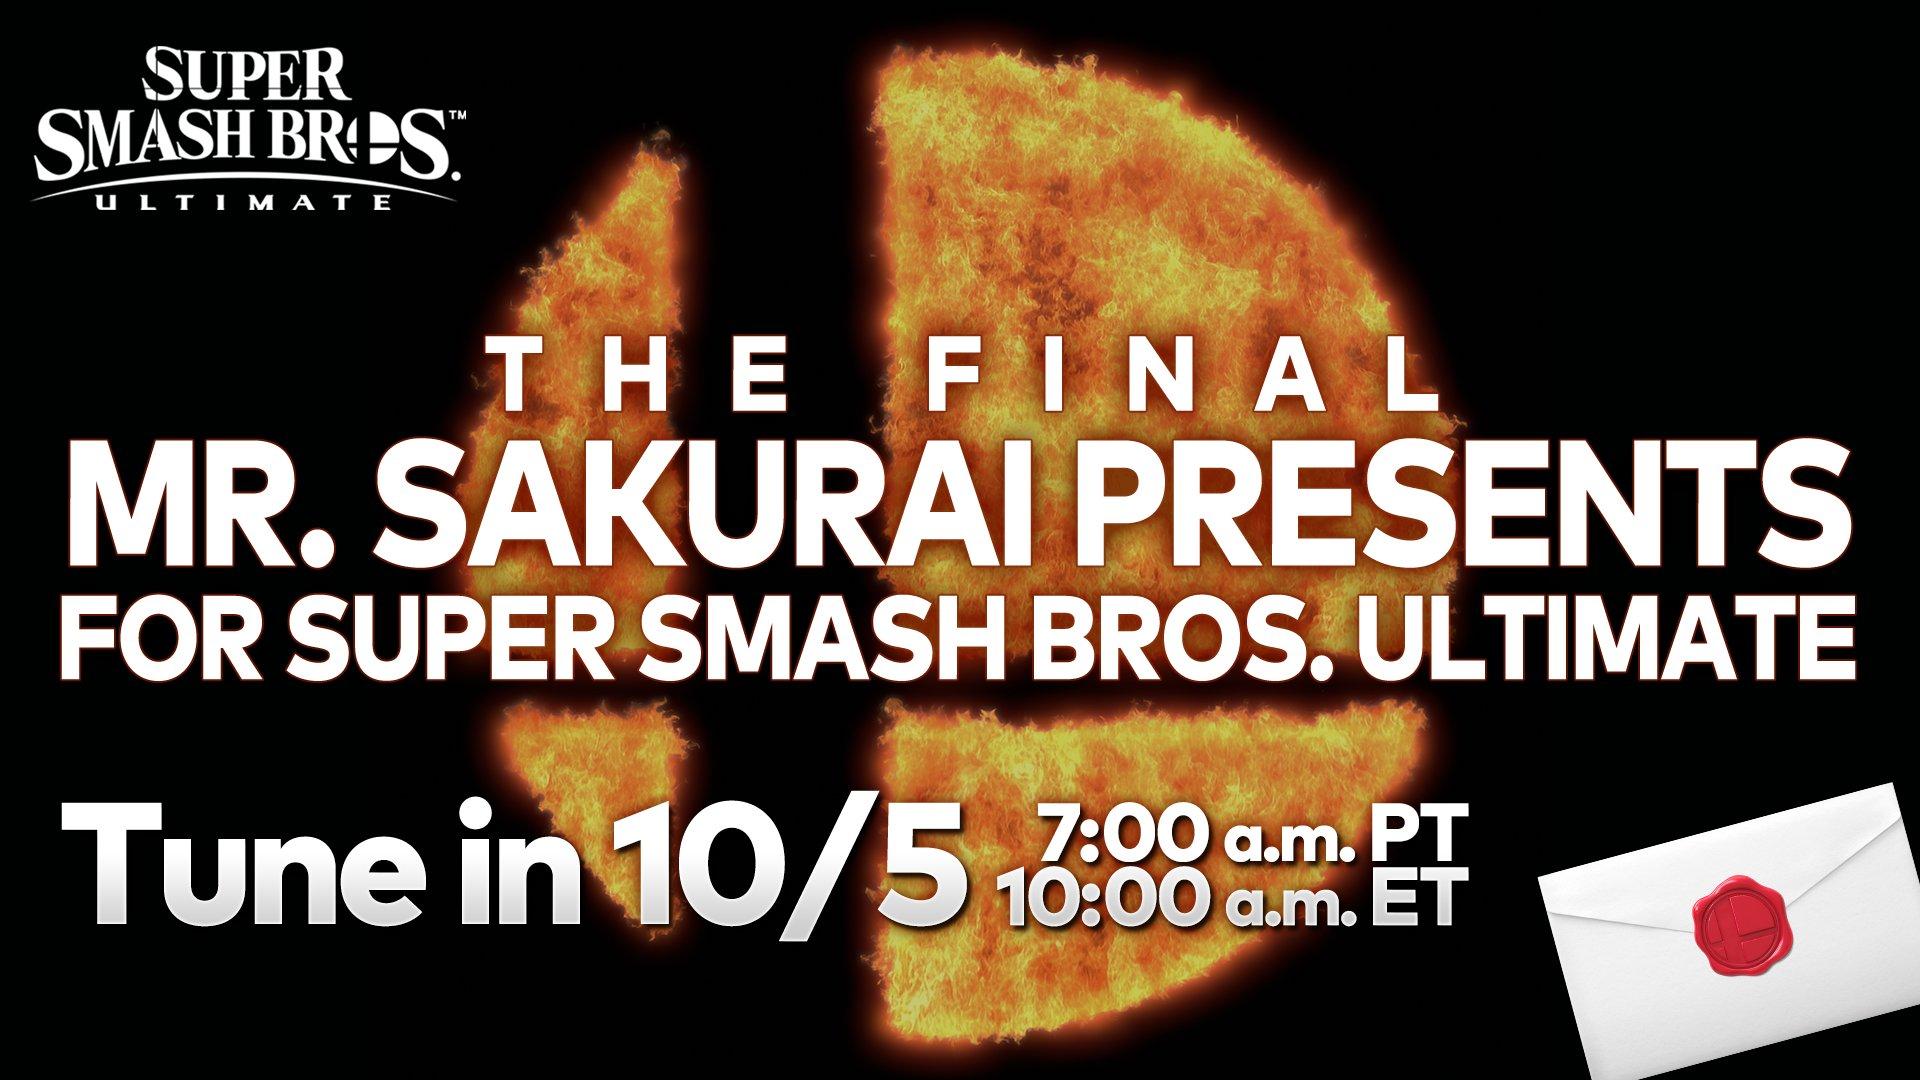 《任天堂大乱斗:特别版》更新发布会10月5日播出 这将会是最后一个DLC